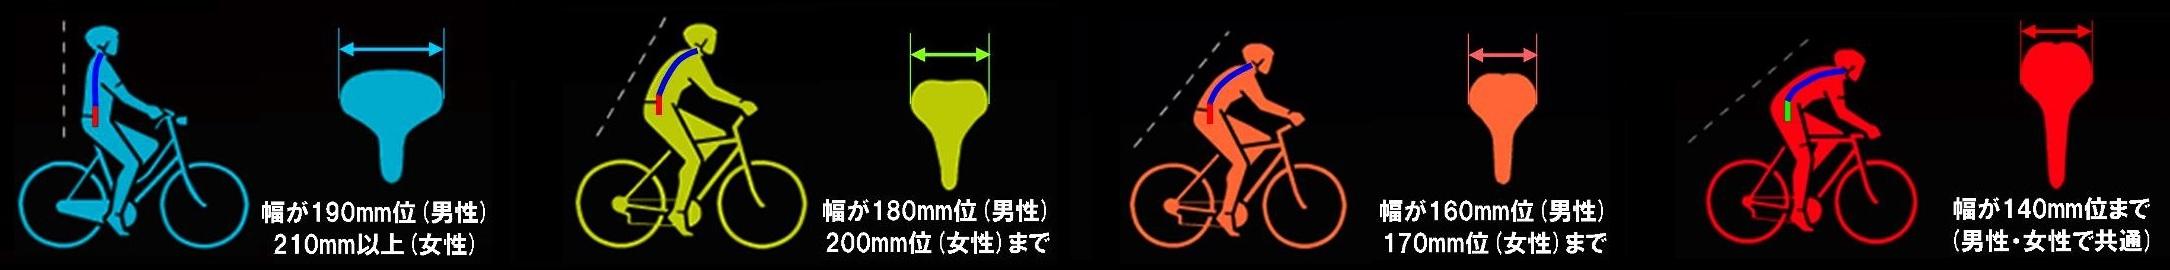 saddle_width.jpg